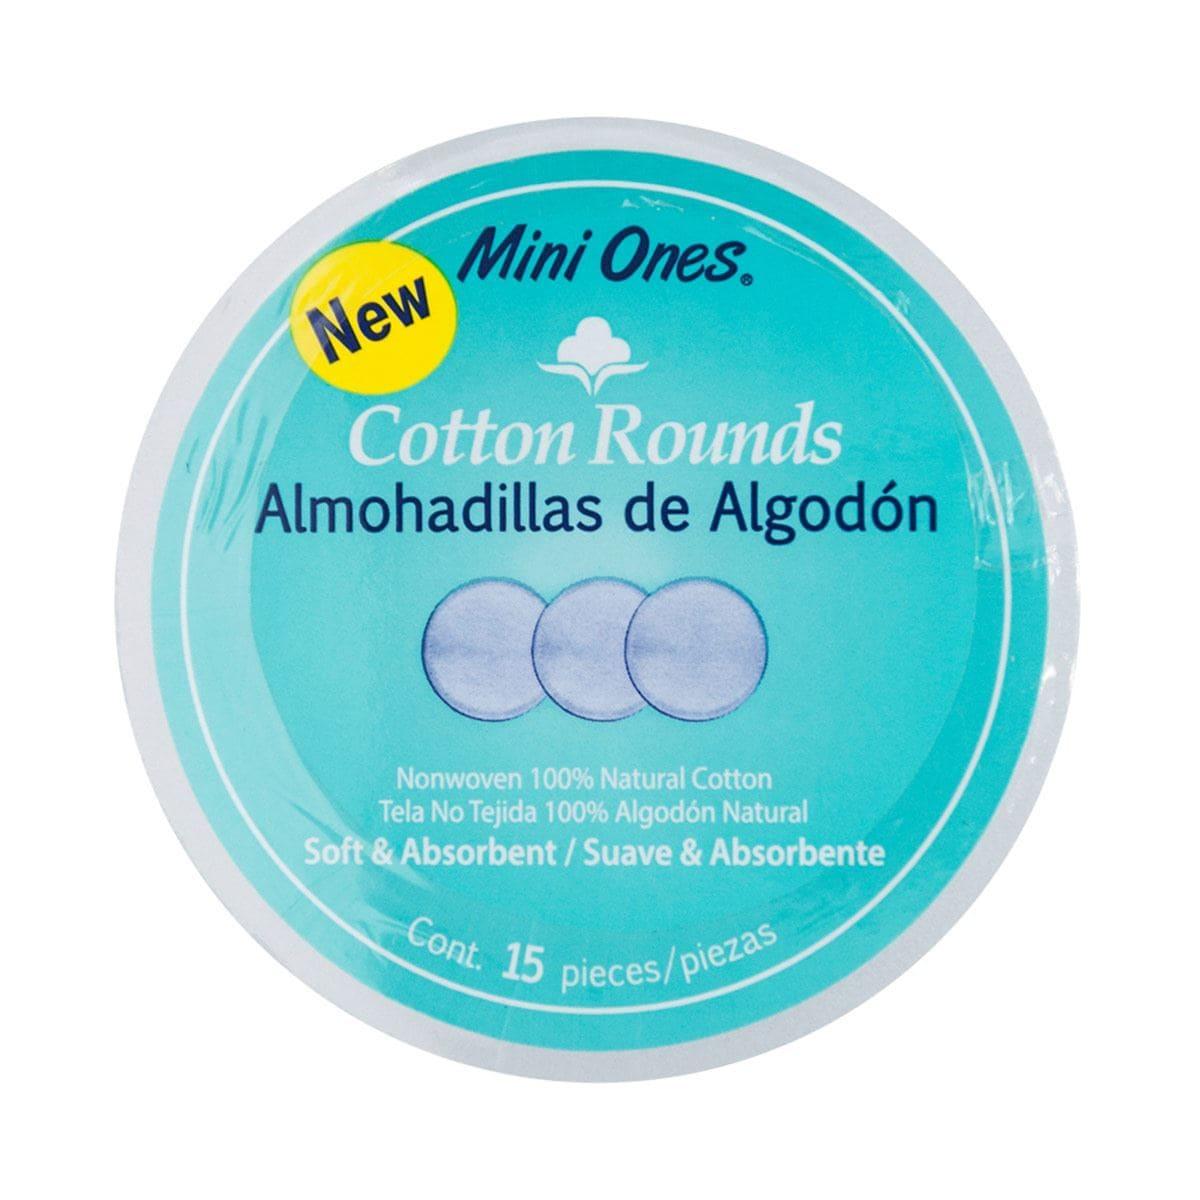 Almohadillas De Algodón Mini Ones Con 15 Piezas